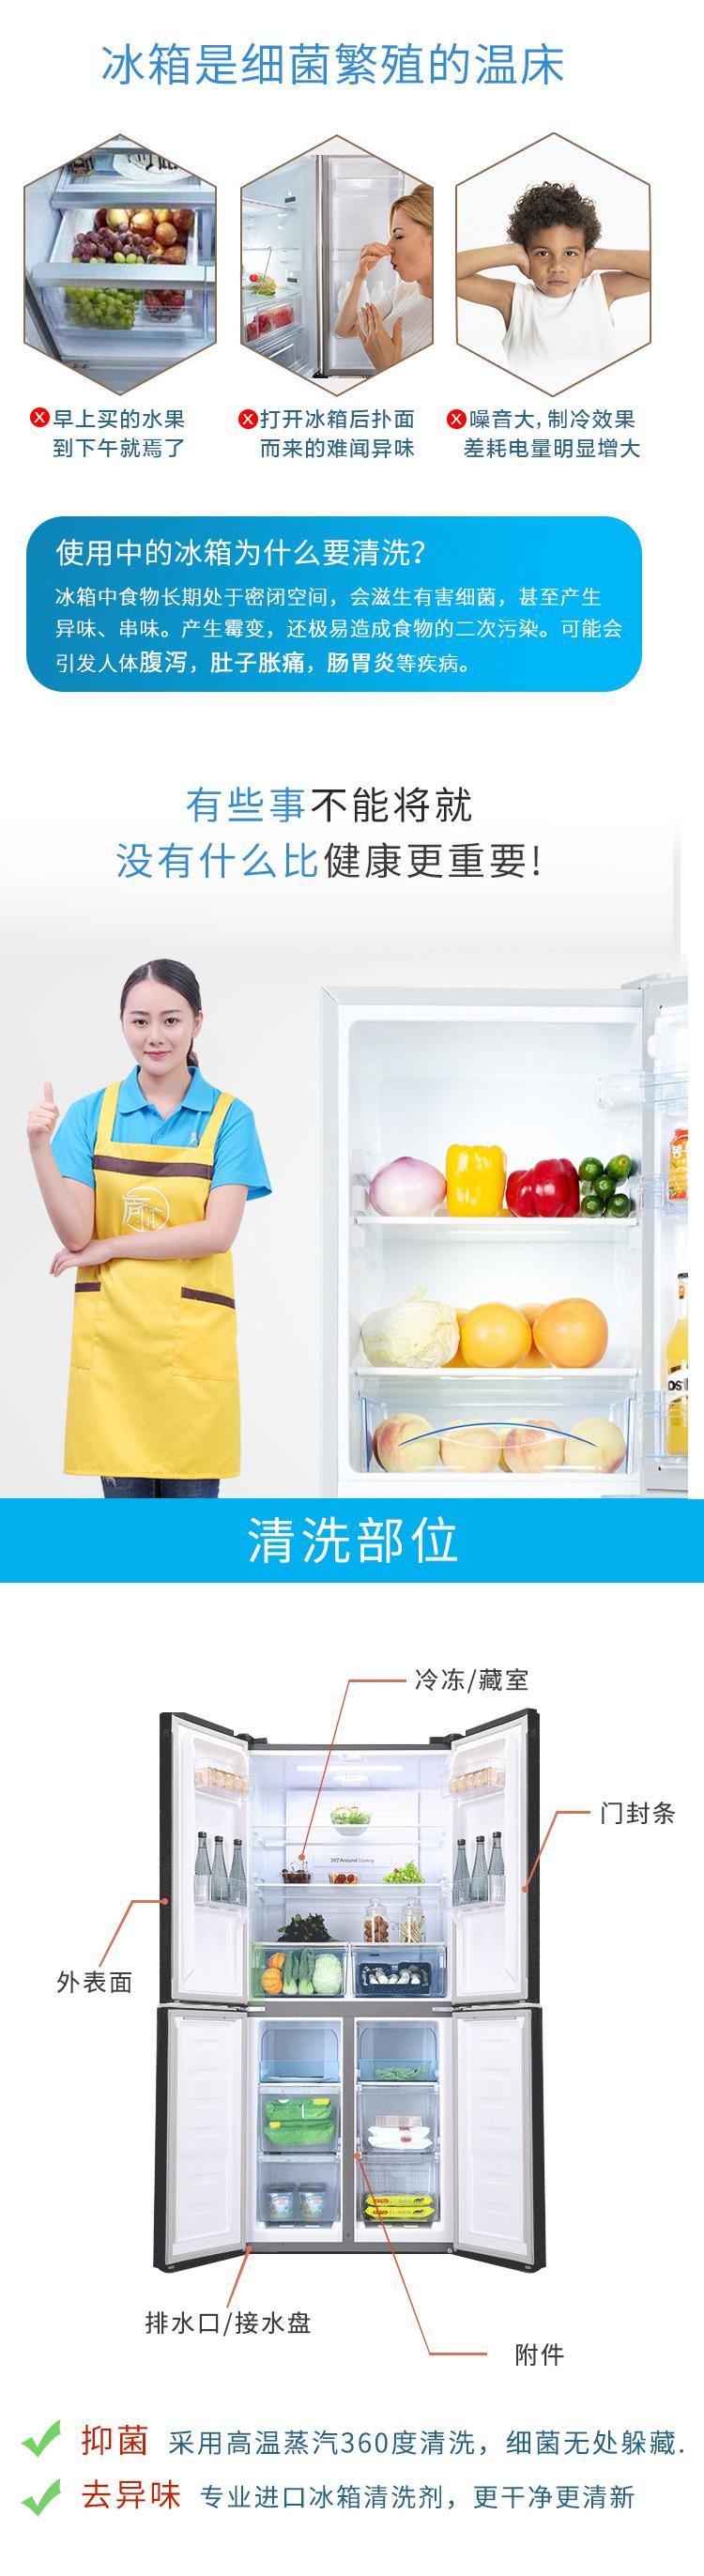 冰箱洗衣机家电清洗_03.jpg